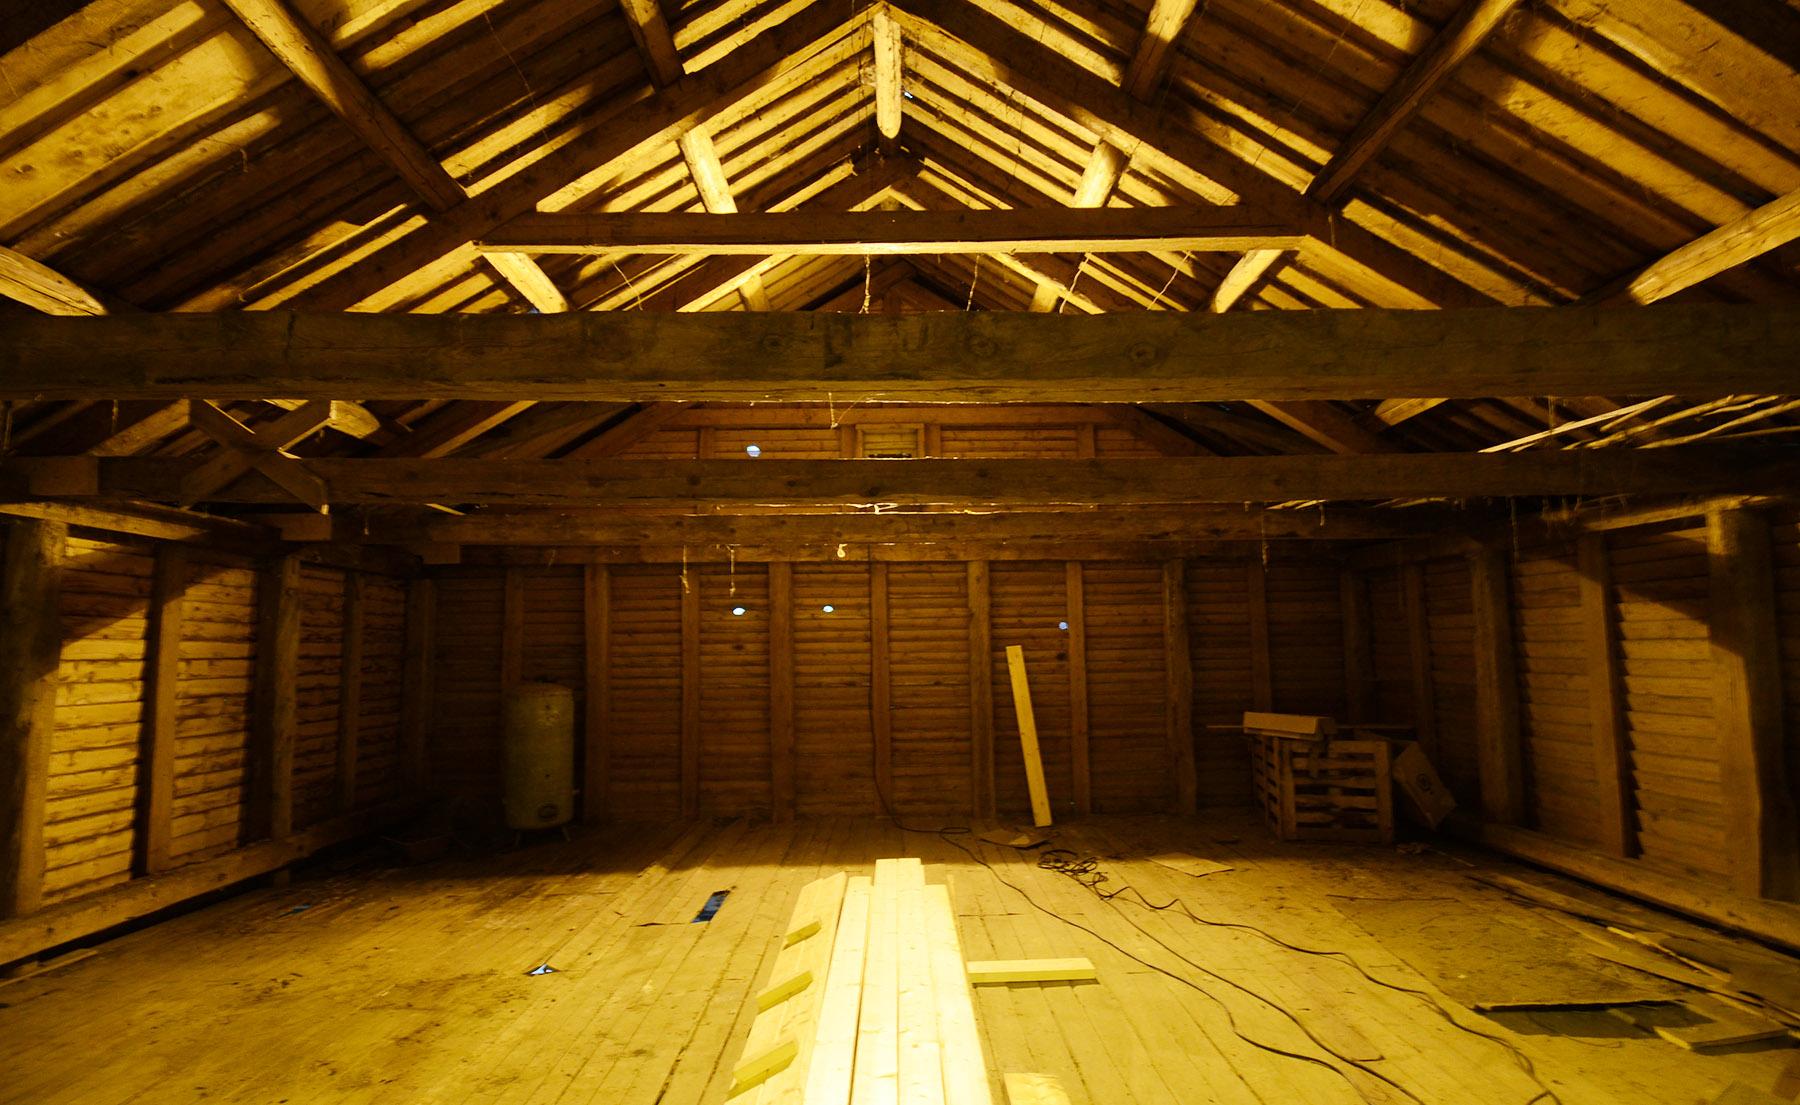 Festsal eller kunstgalleri? Ja, det vil fremtiden vise. Mulighetene er store når arealene er så romslige som de framstår når vegger er revet og romma er åpnet opp i sin fulle lengde og bredde.